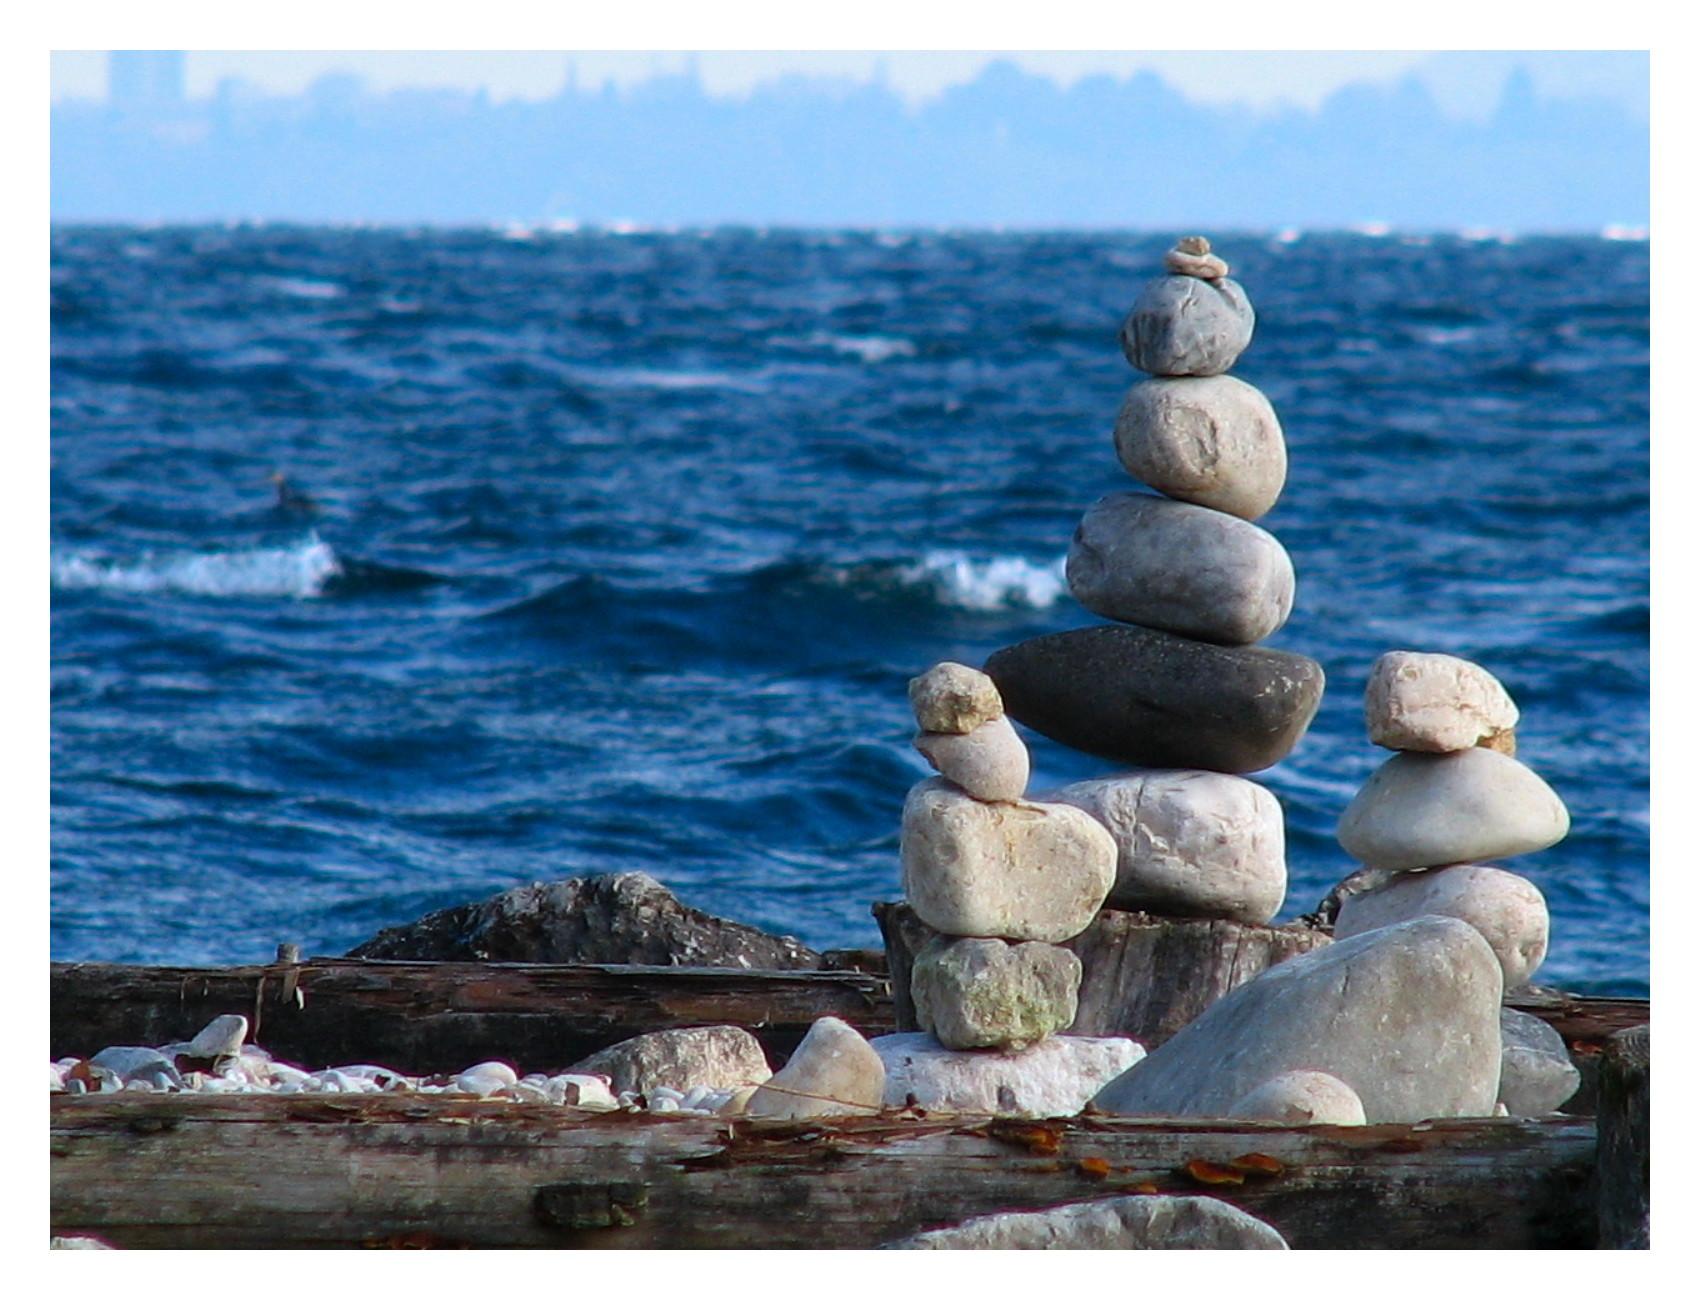 http://martouf.ch/utile/images/divers/2009_03_22_14_06_equilibre_des_empillements_de_galet.jpg